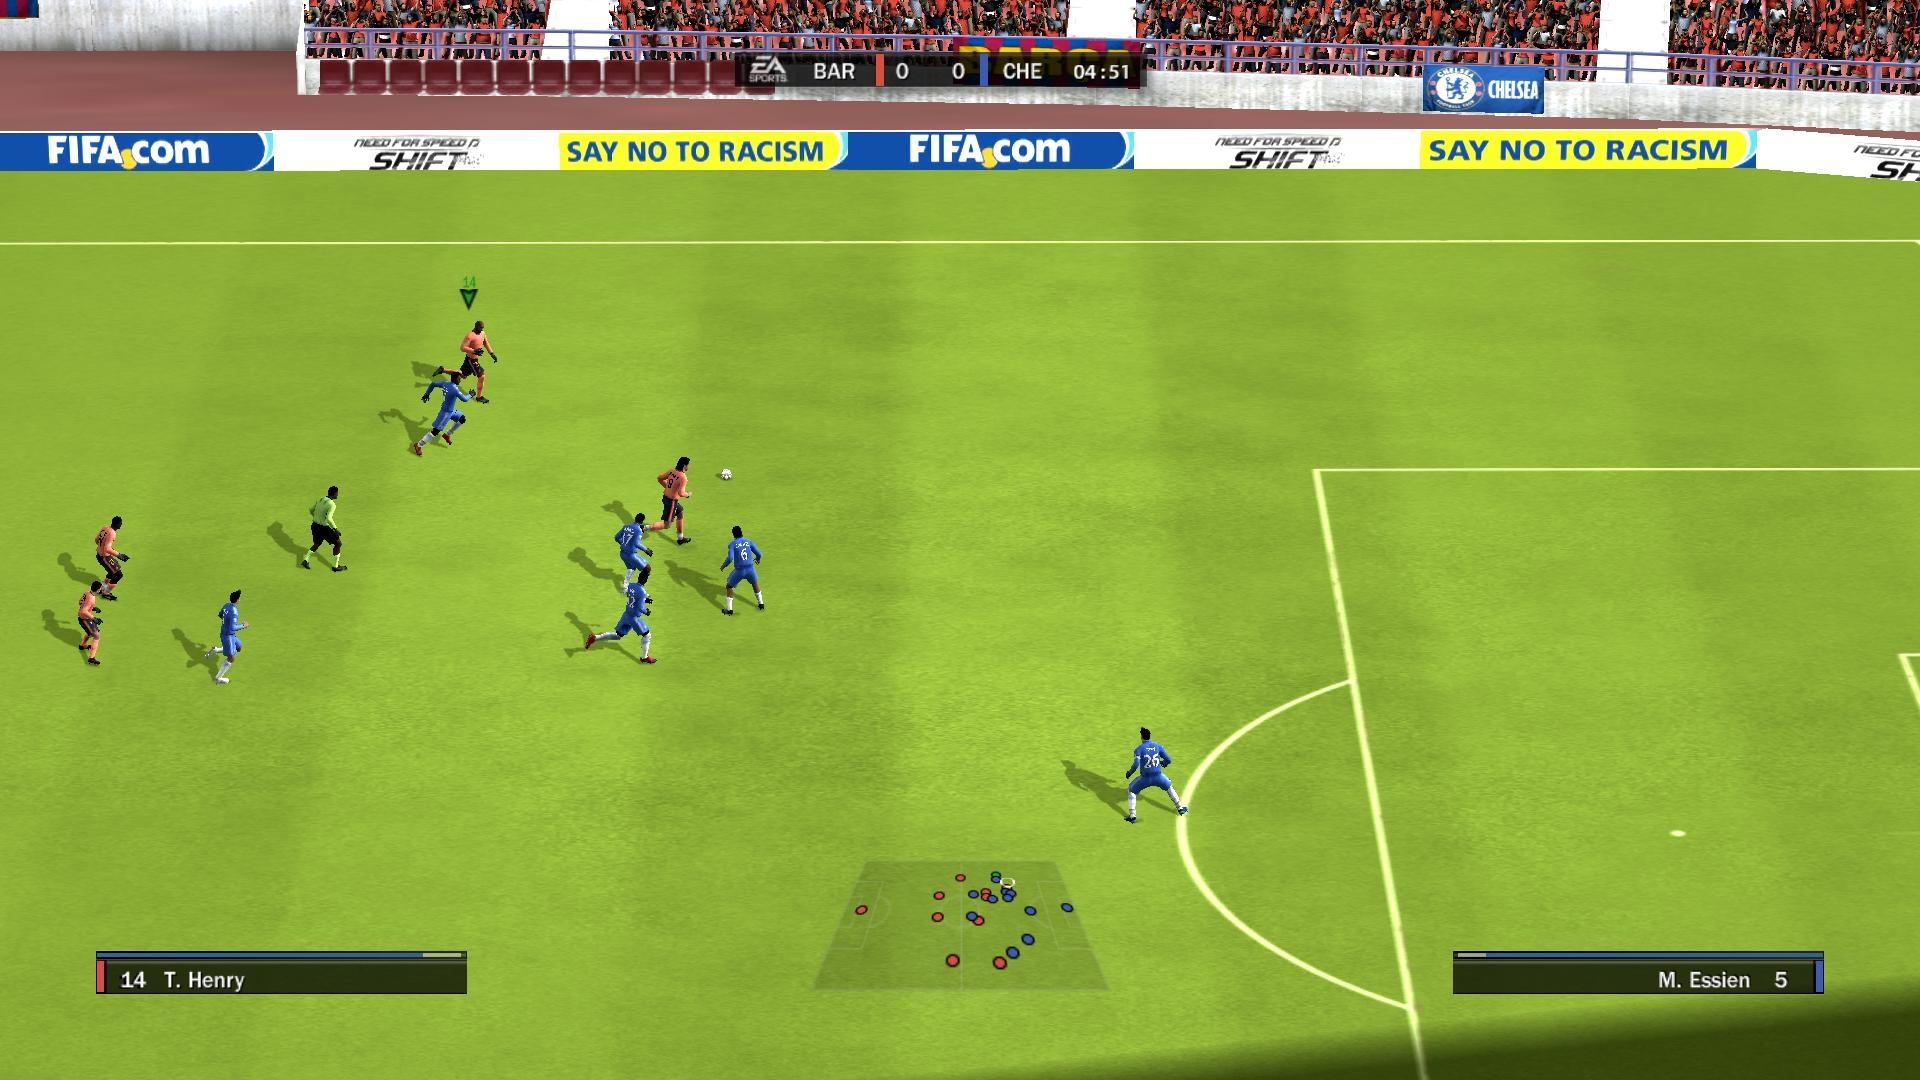 Скриншот из игры FIFA 10 под